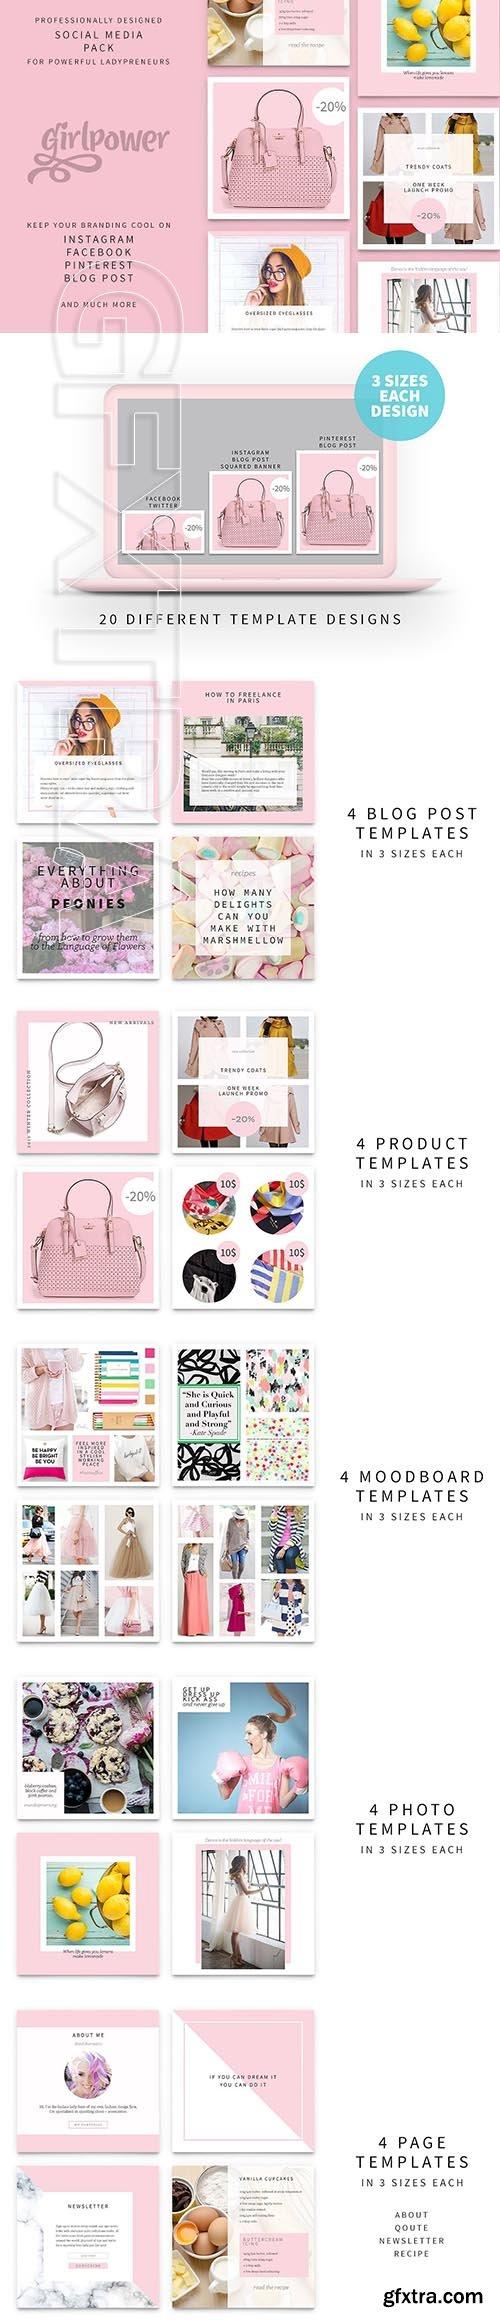 CreativeMarket - Girlpower - Social Media Pack 2737377